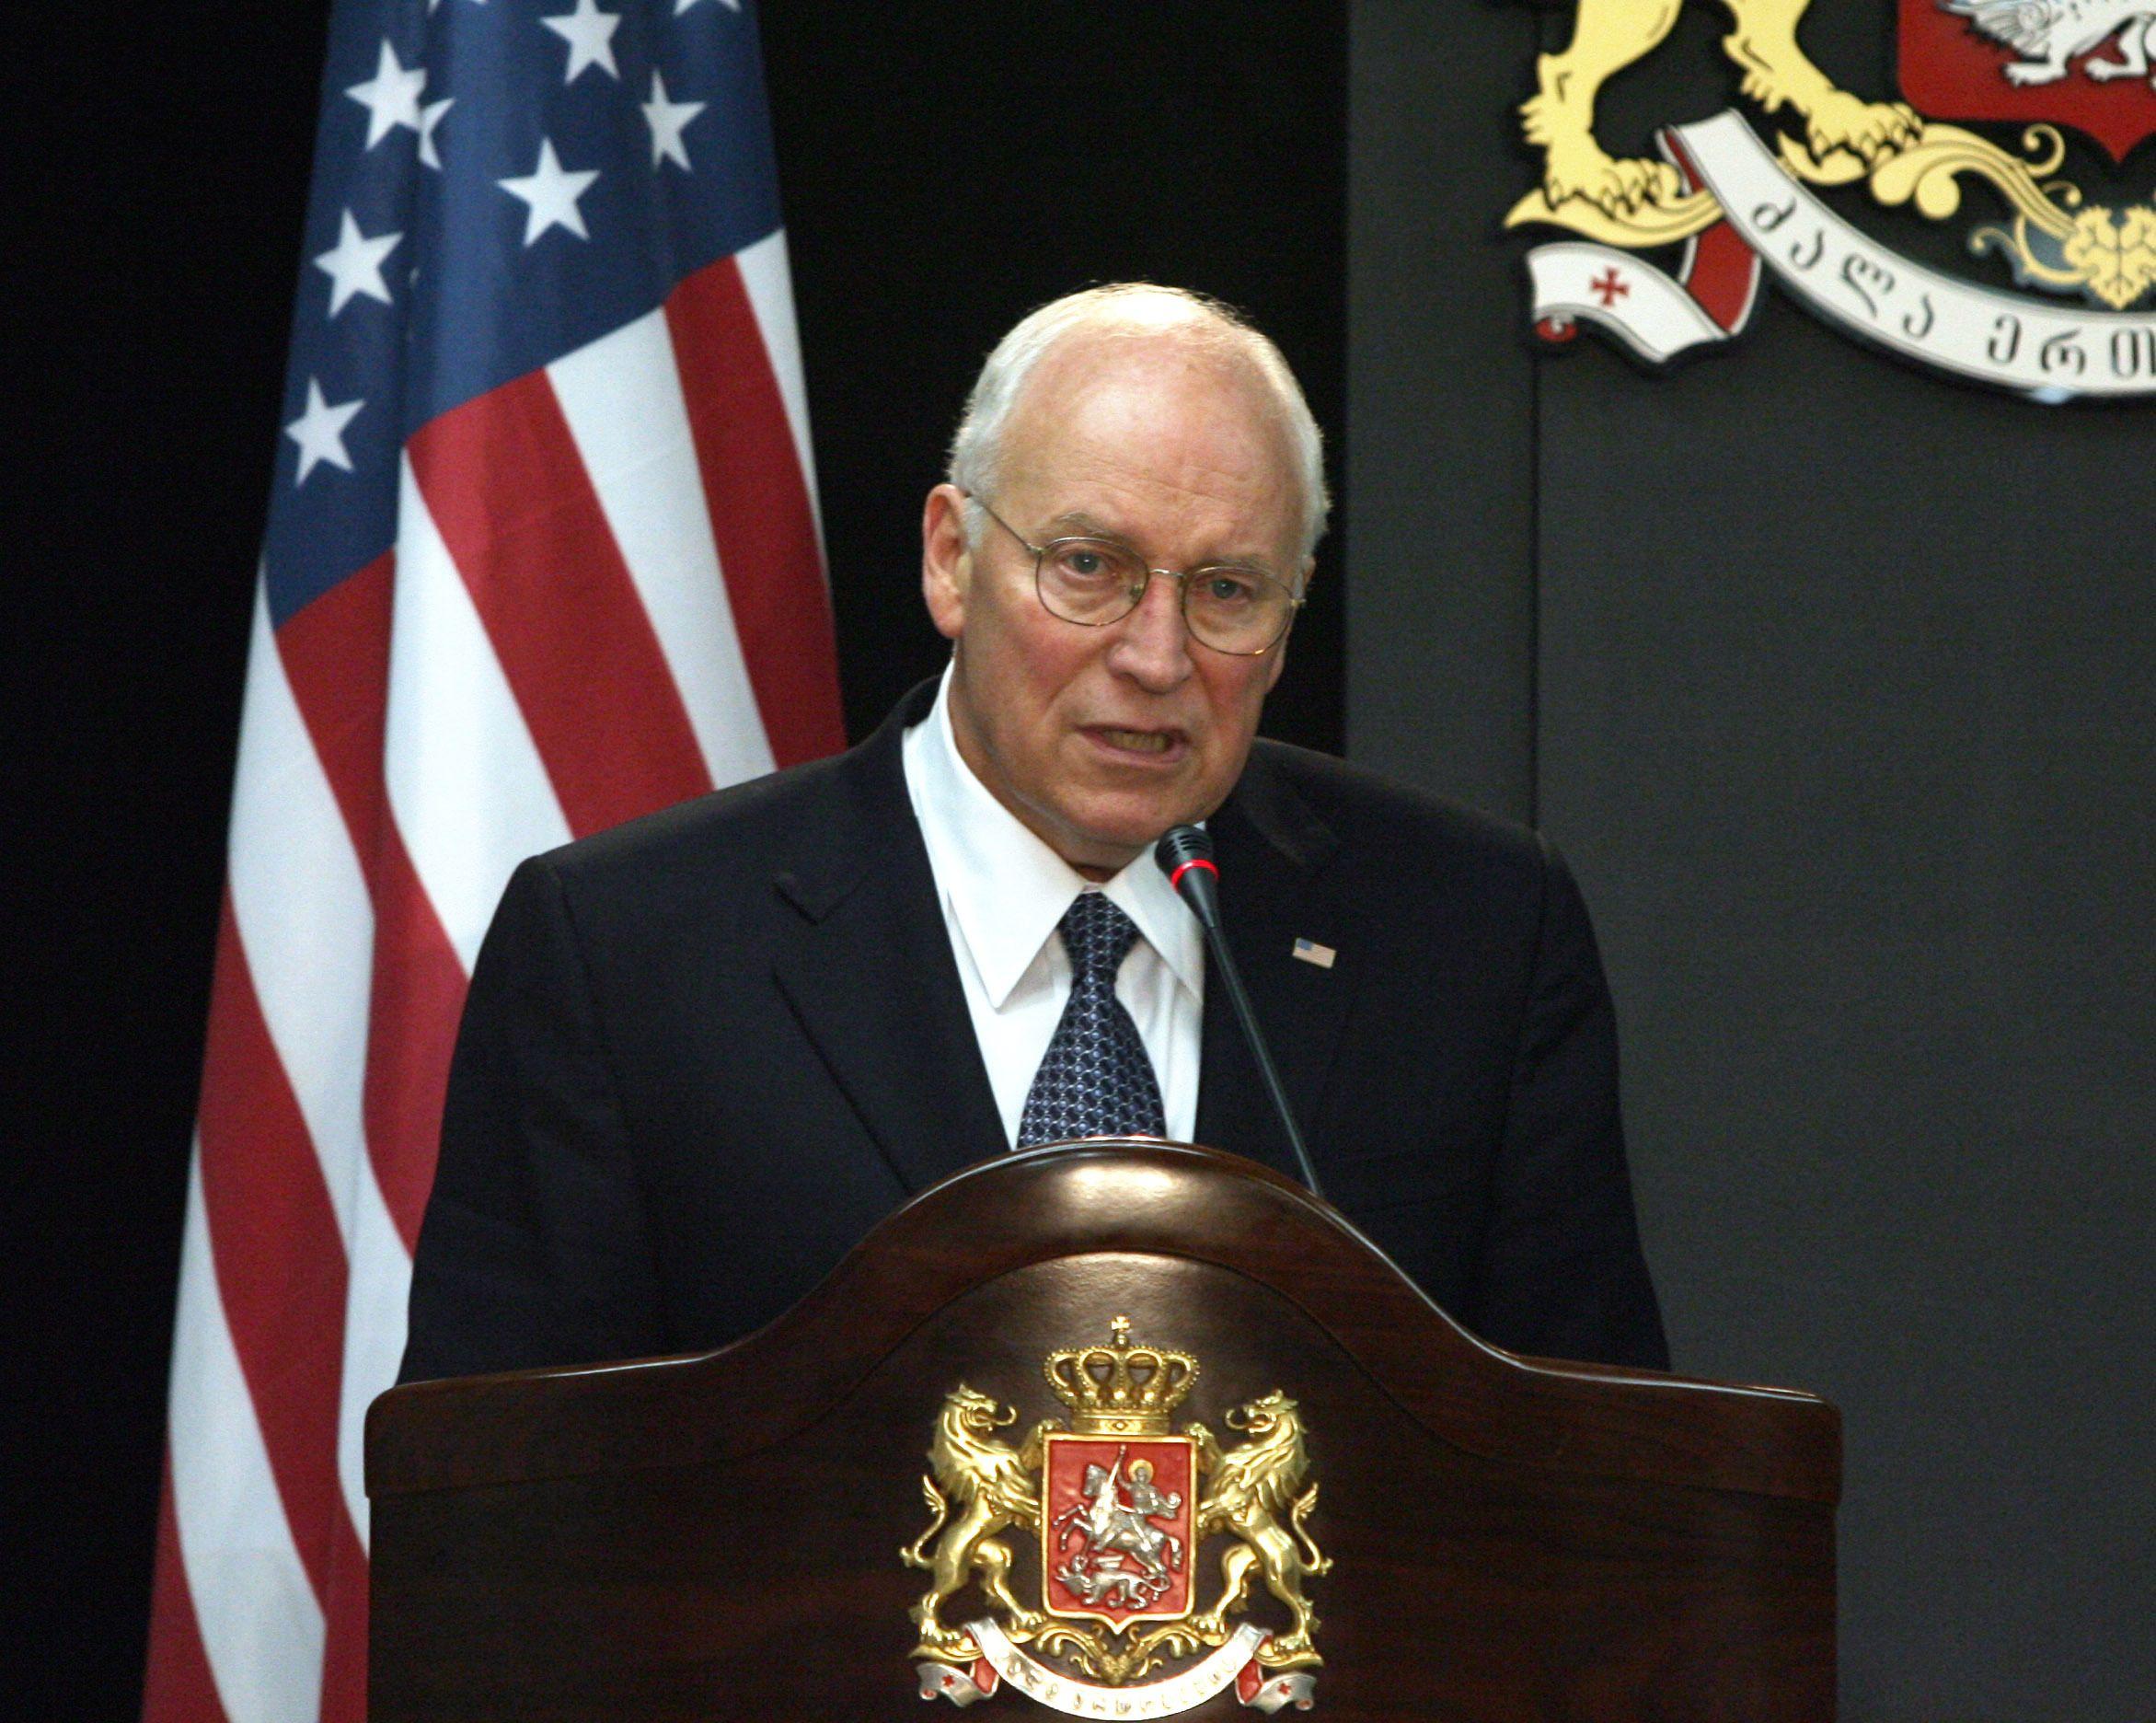 15. Dick Cheney